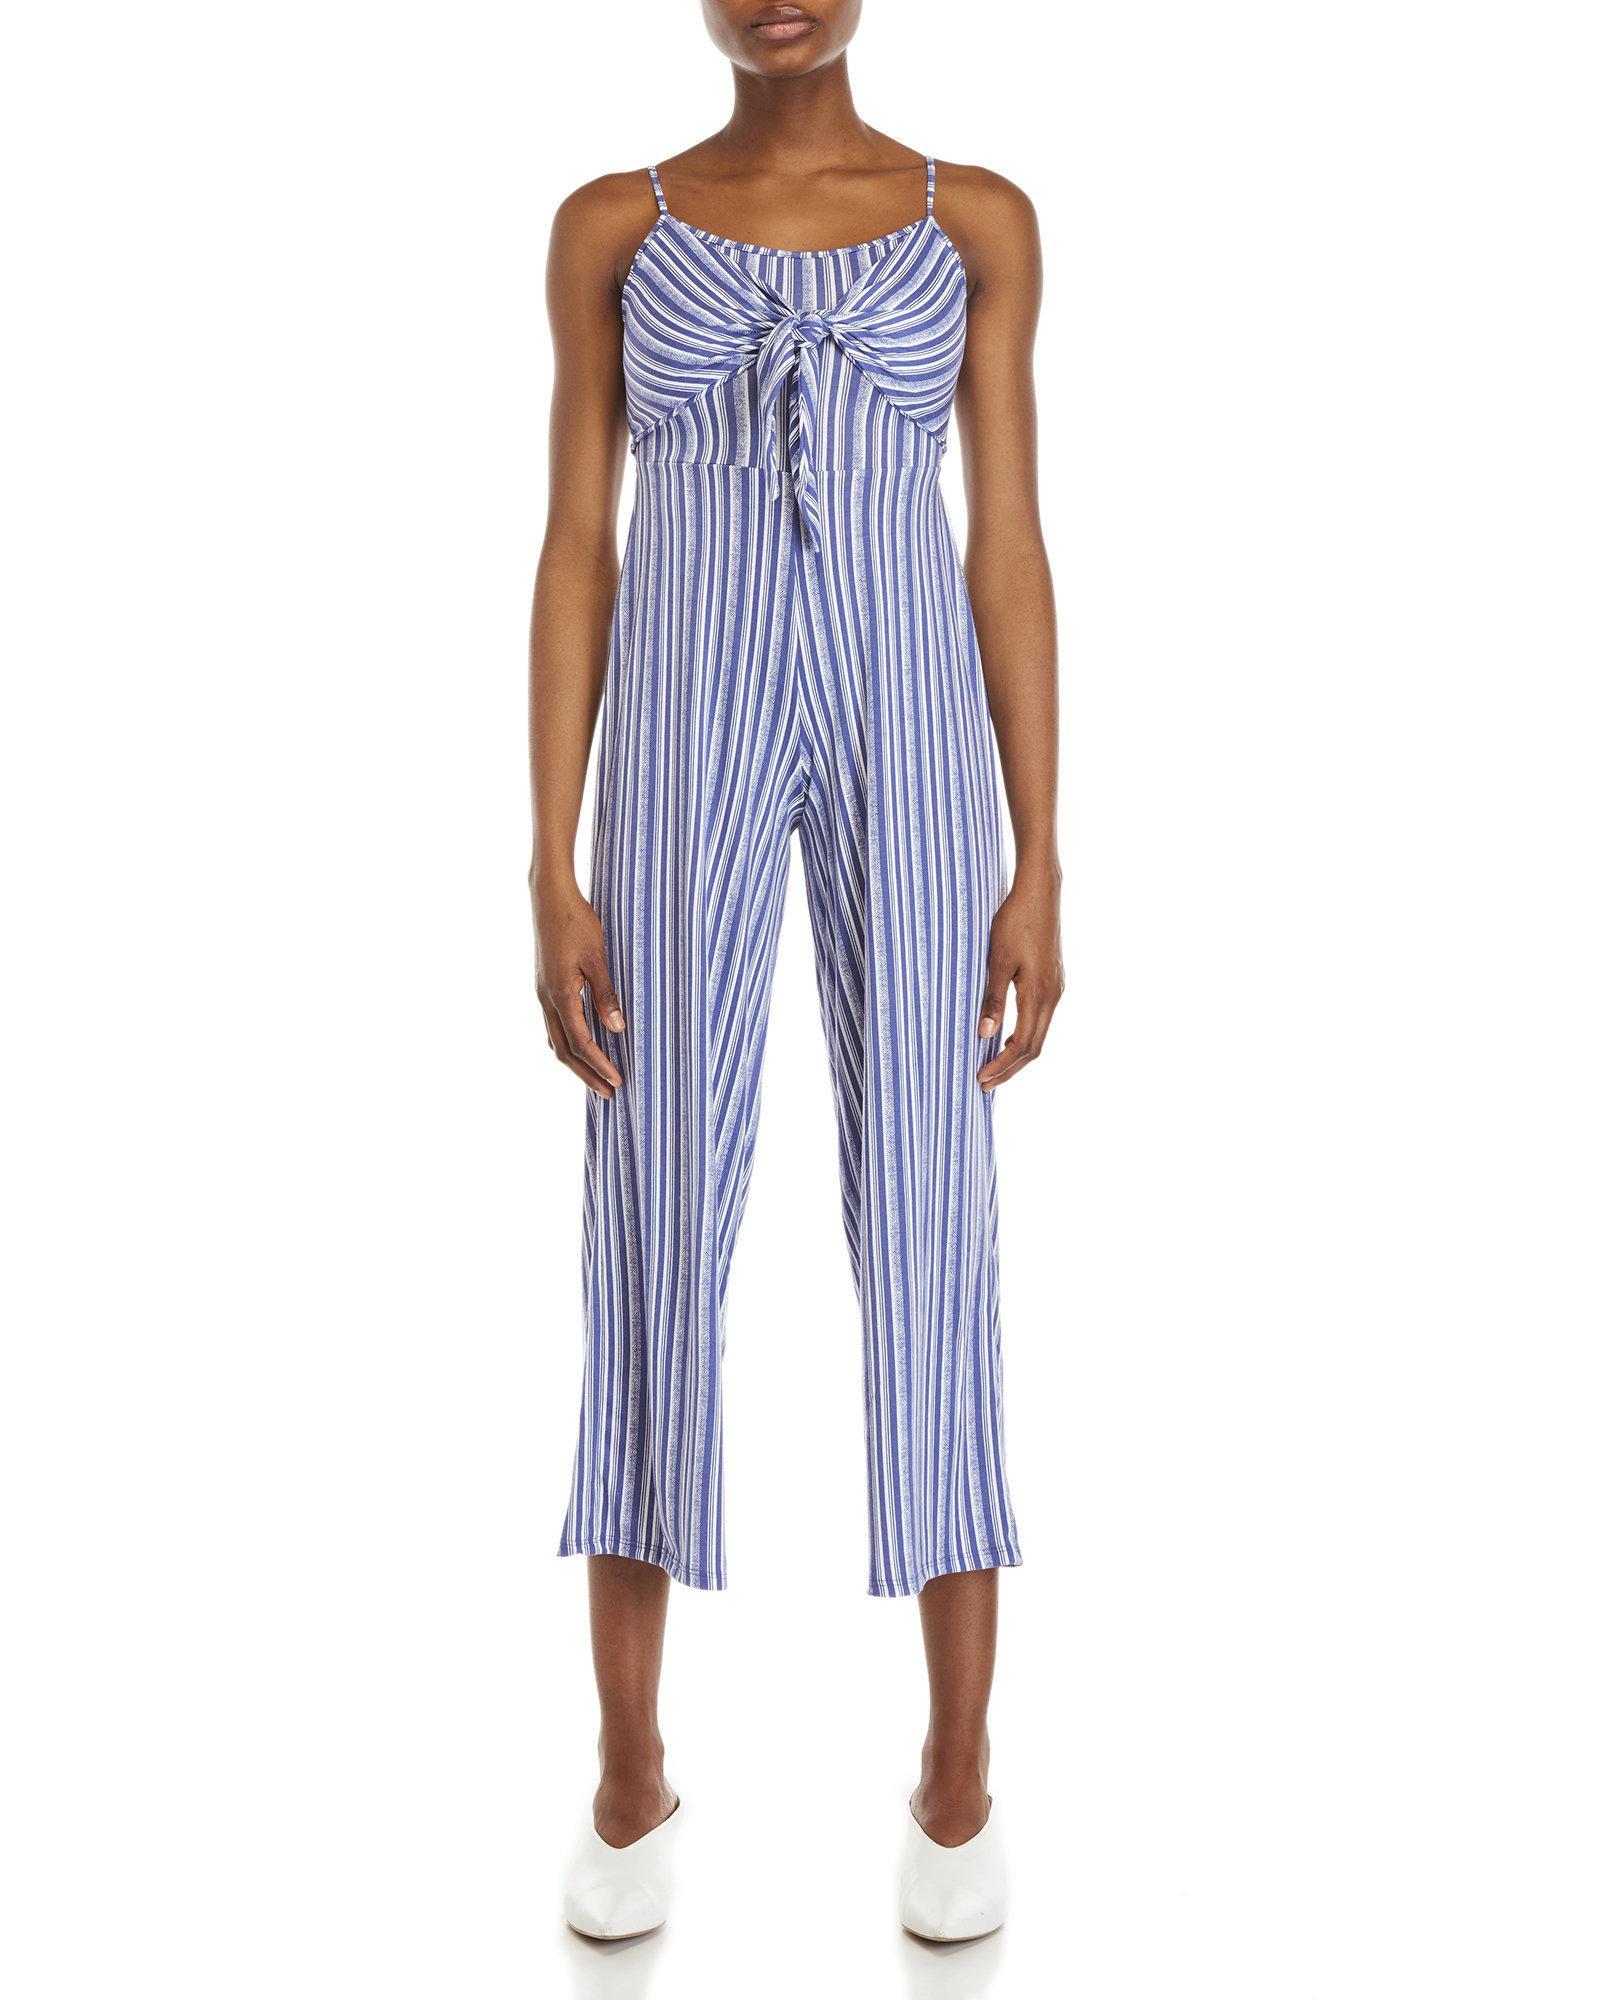 d619e1fc53e Lyst - Derek Heart Stripe Self-tie Jumpsuit in Blue